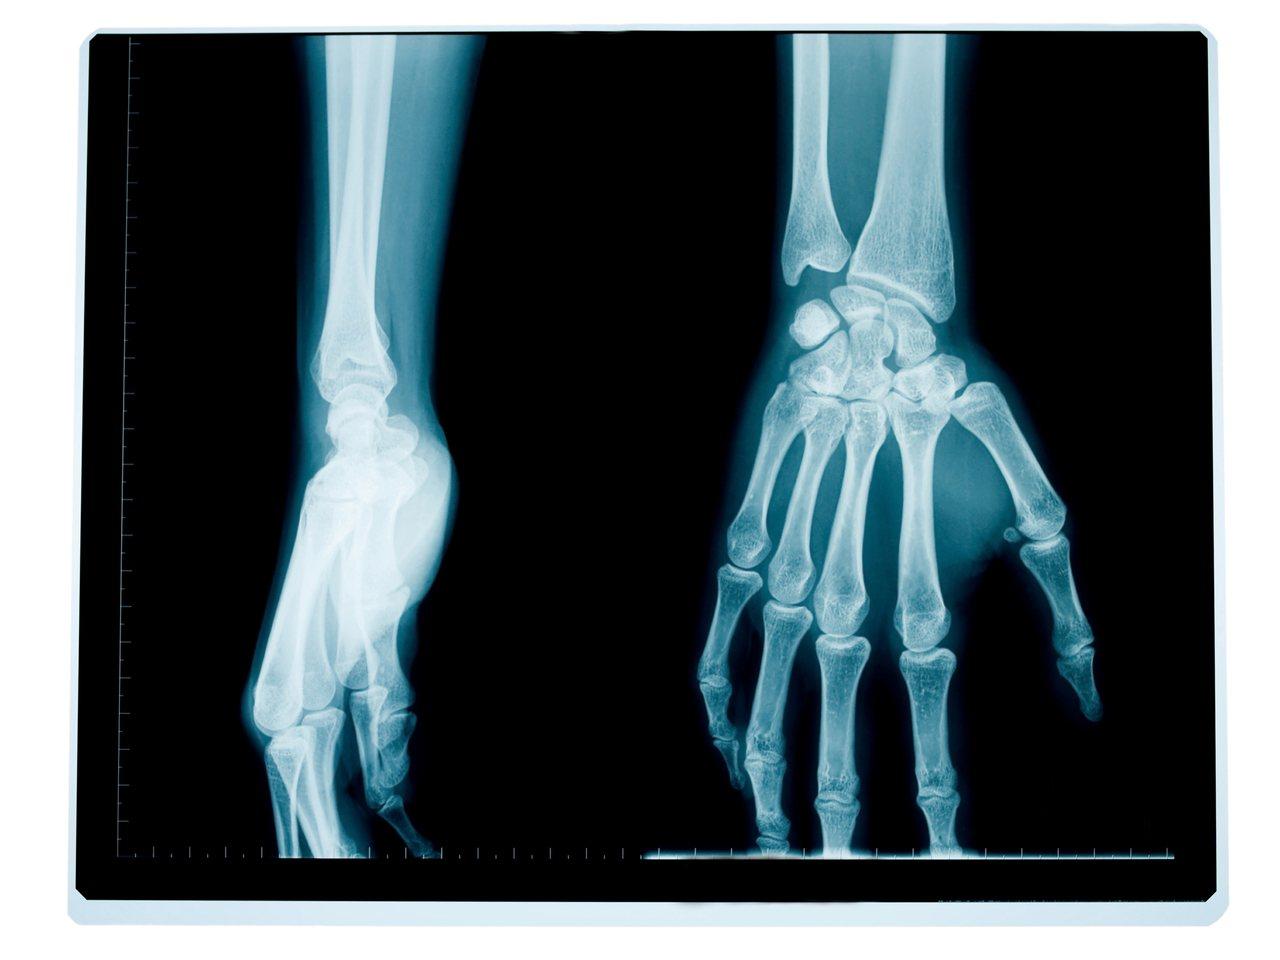 圖為手部X光示意圖。/擷取自Ingimage